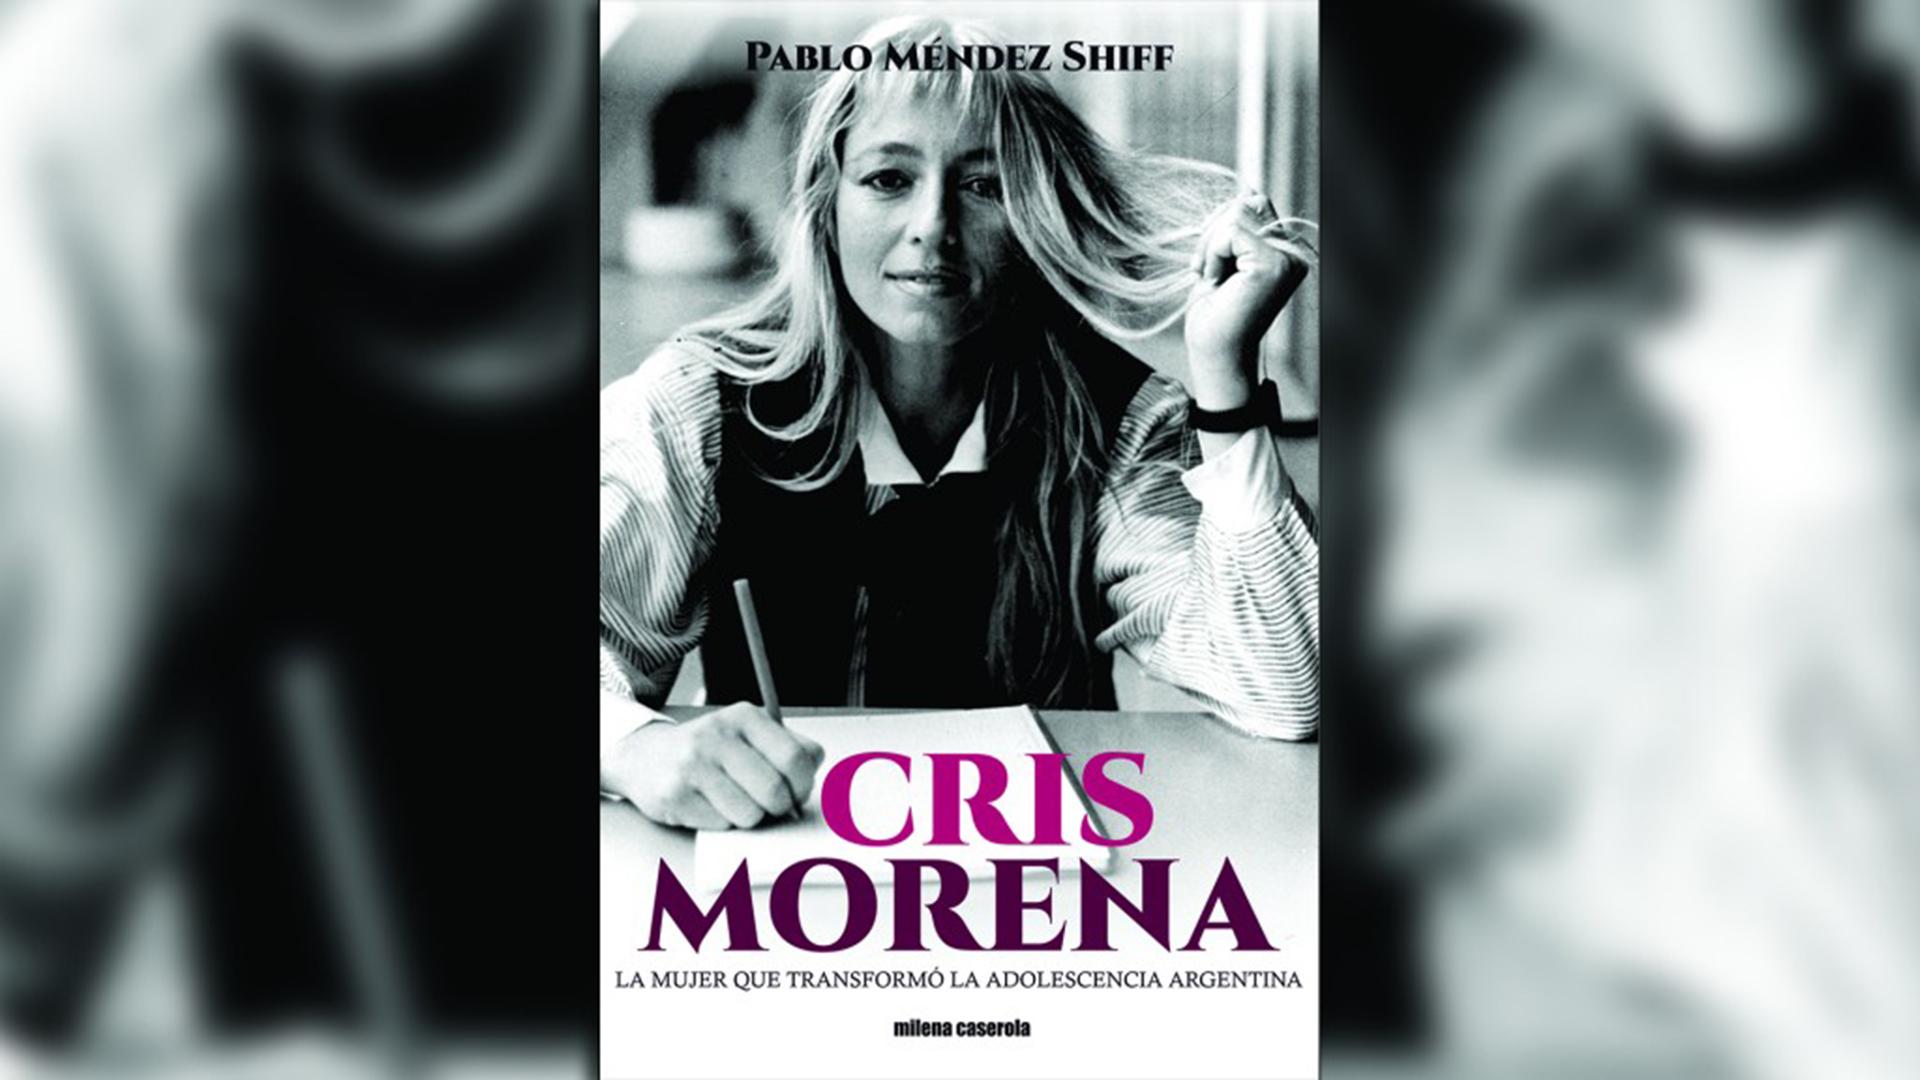 """""""Cris Morena. La mujer que transformó la adolescencia argentina"""" (Milena Caserola), de Pablo Méndez Shiff"""